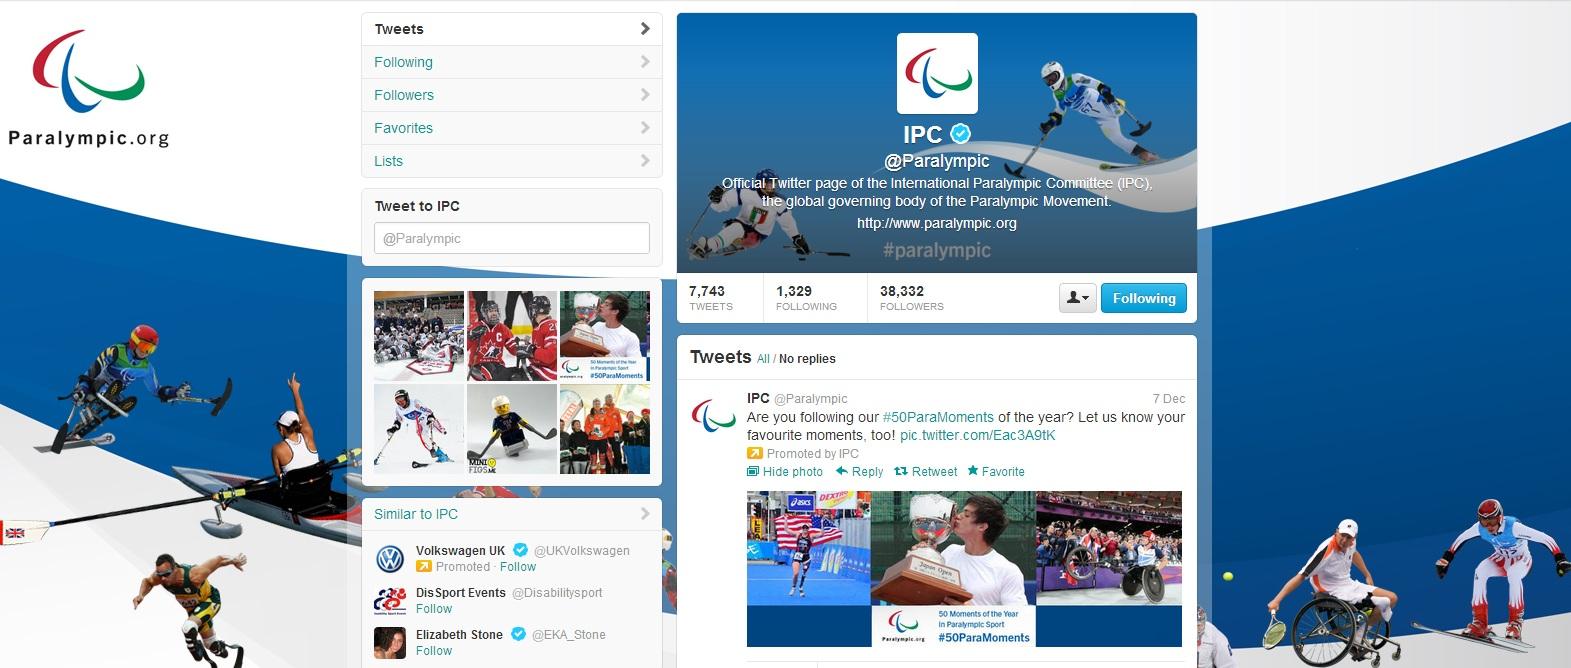 IPC Twitter